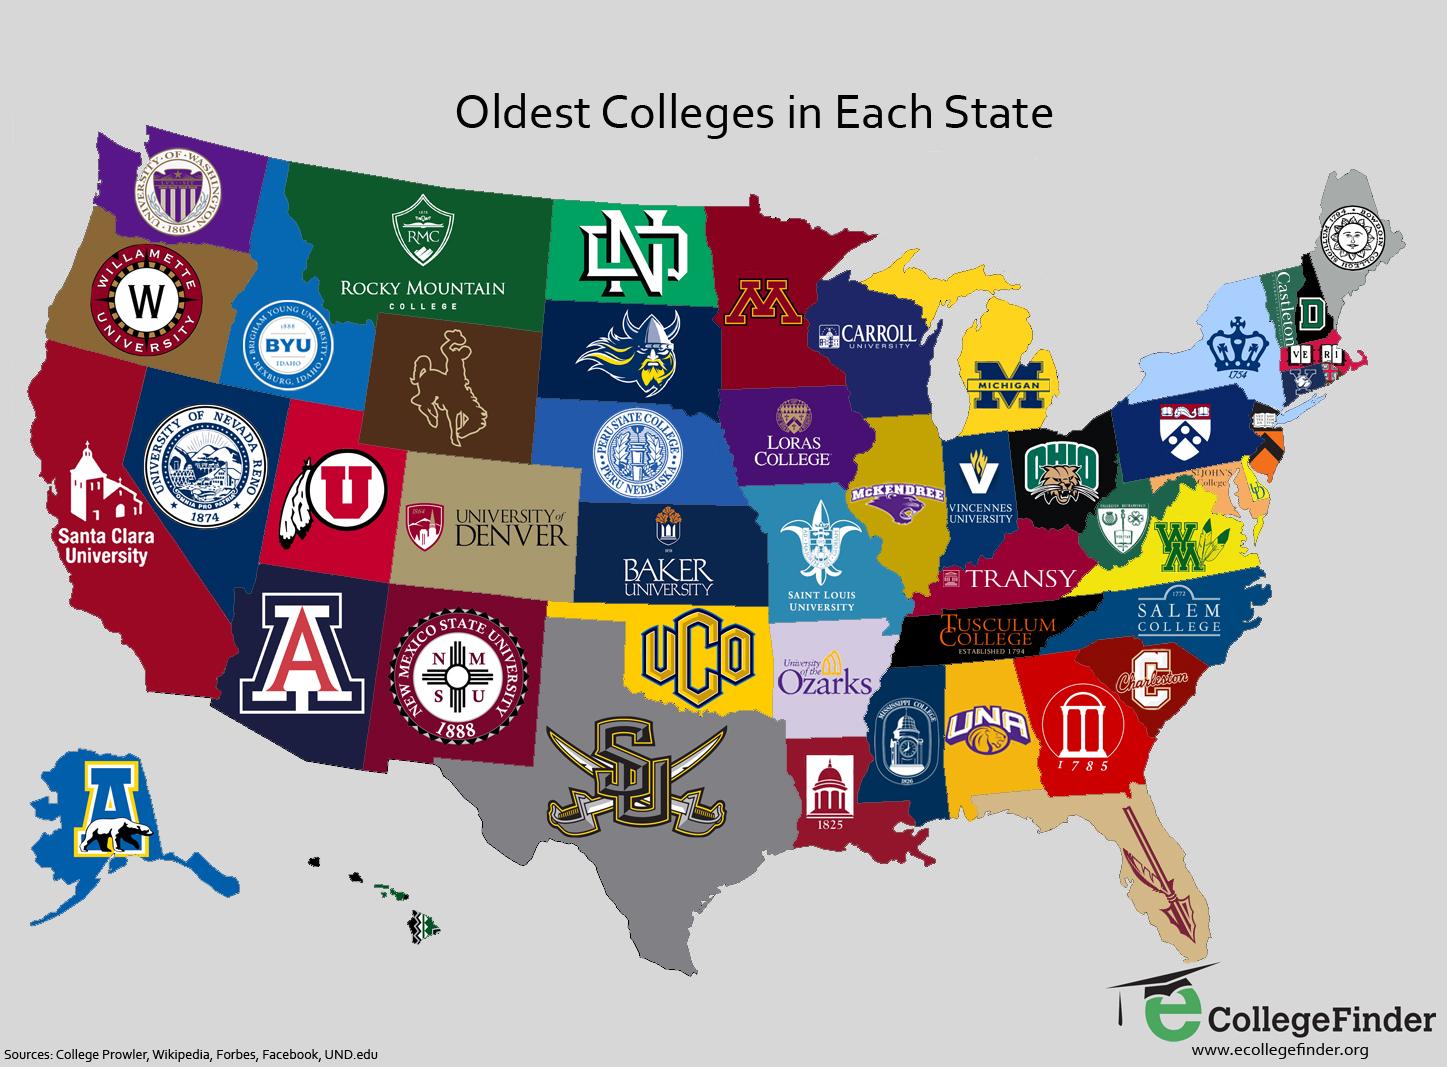 アメリカ全土で4700校?!ベストな留学先を見つけるための学校の選び方トリセツ